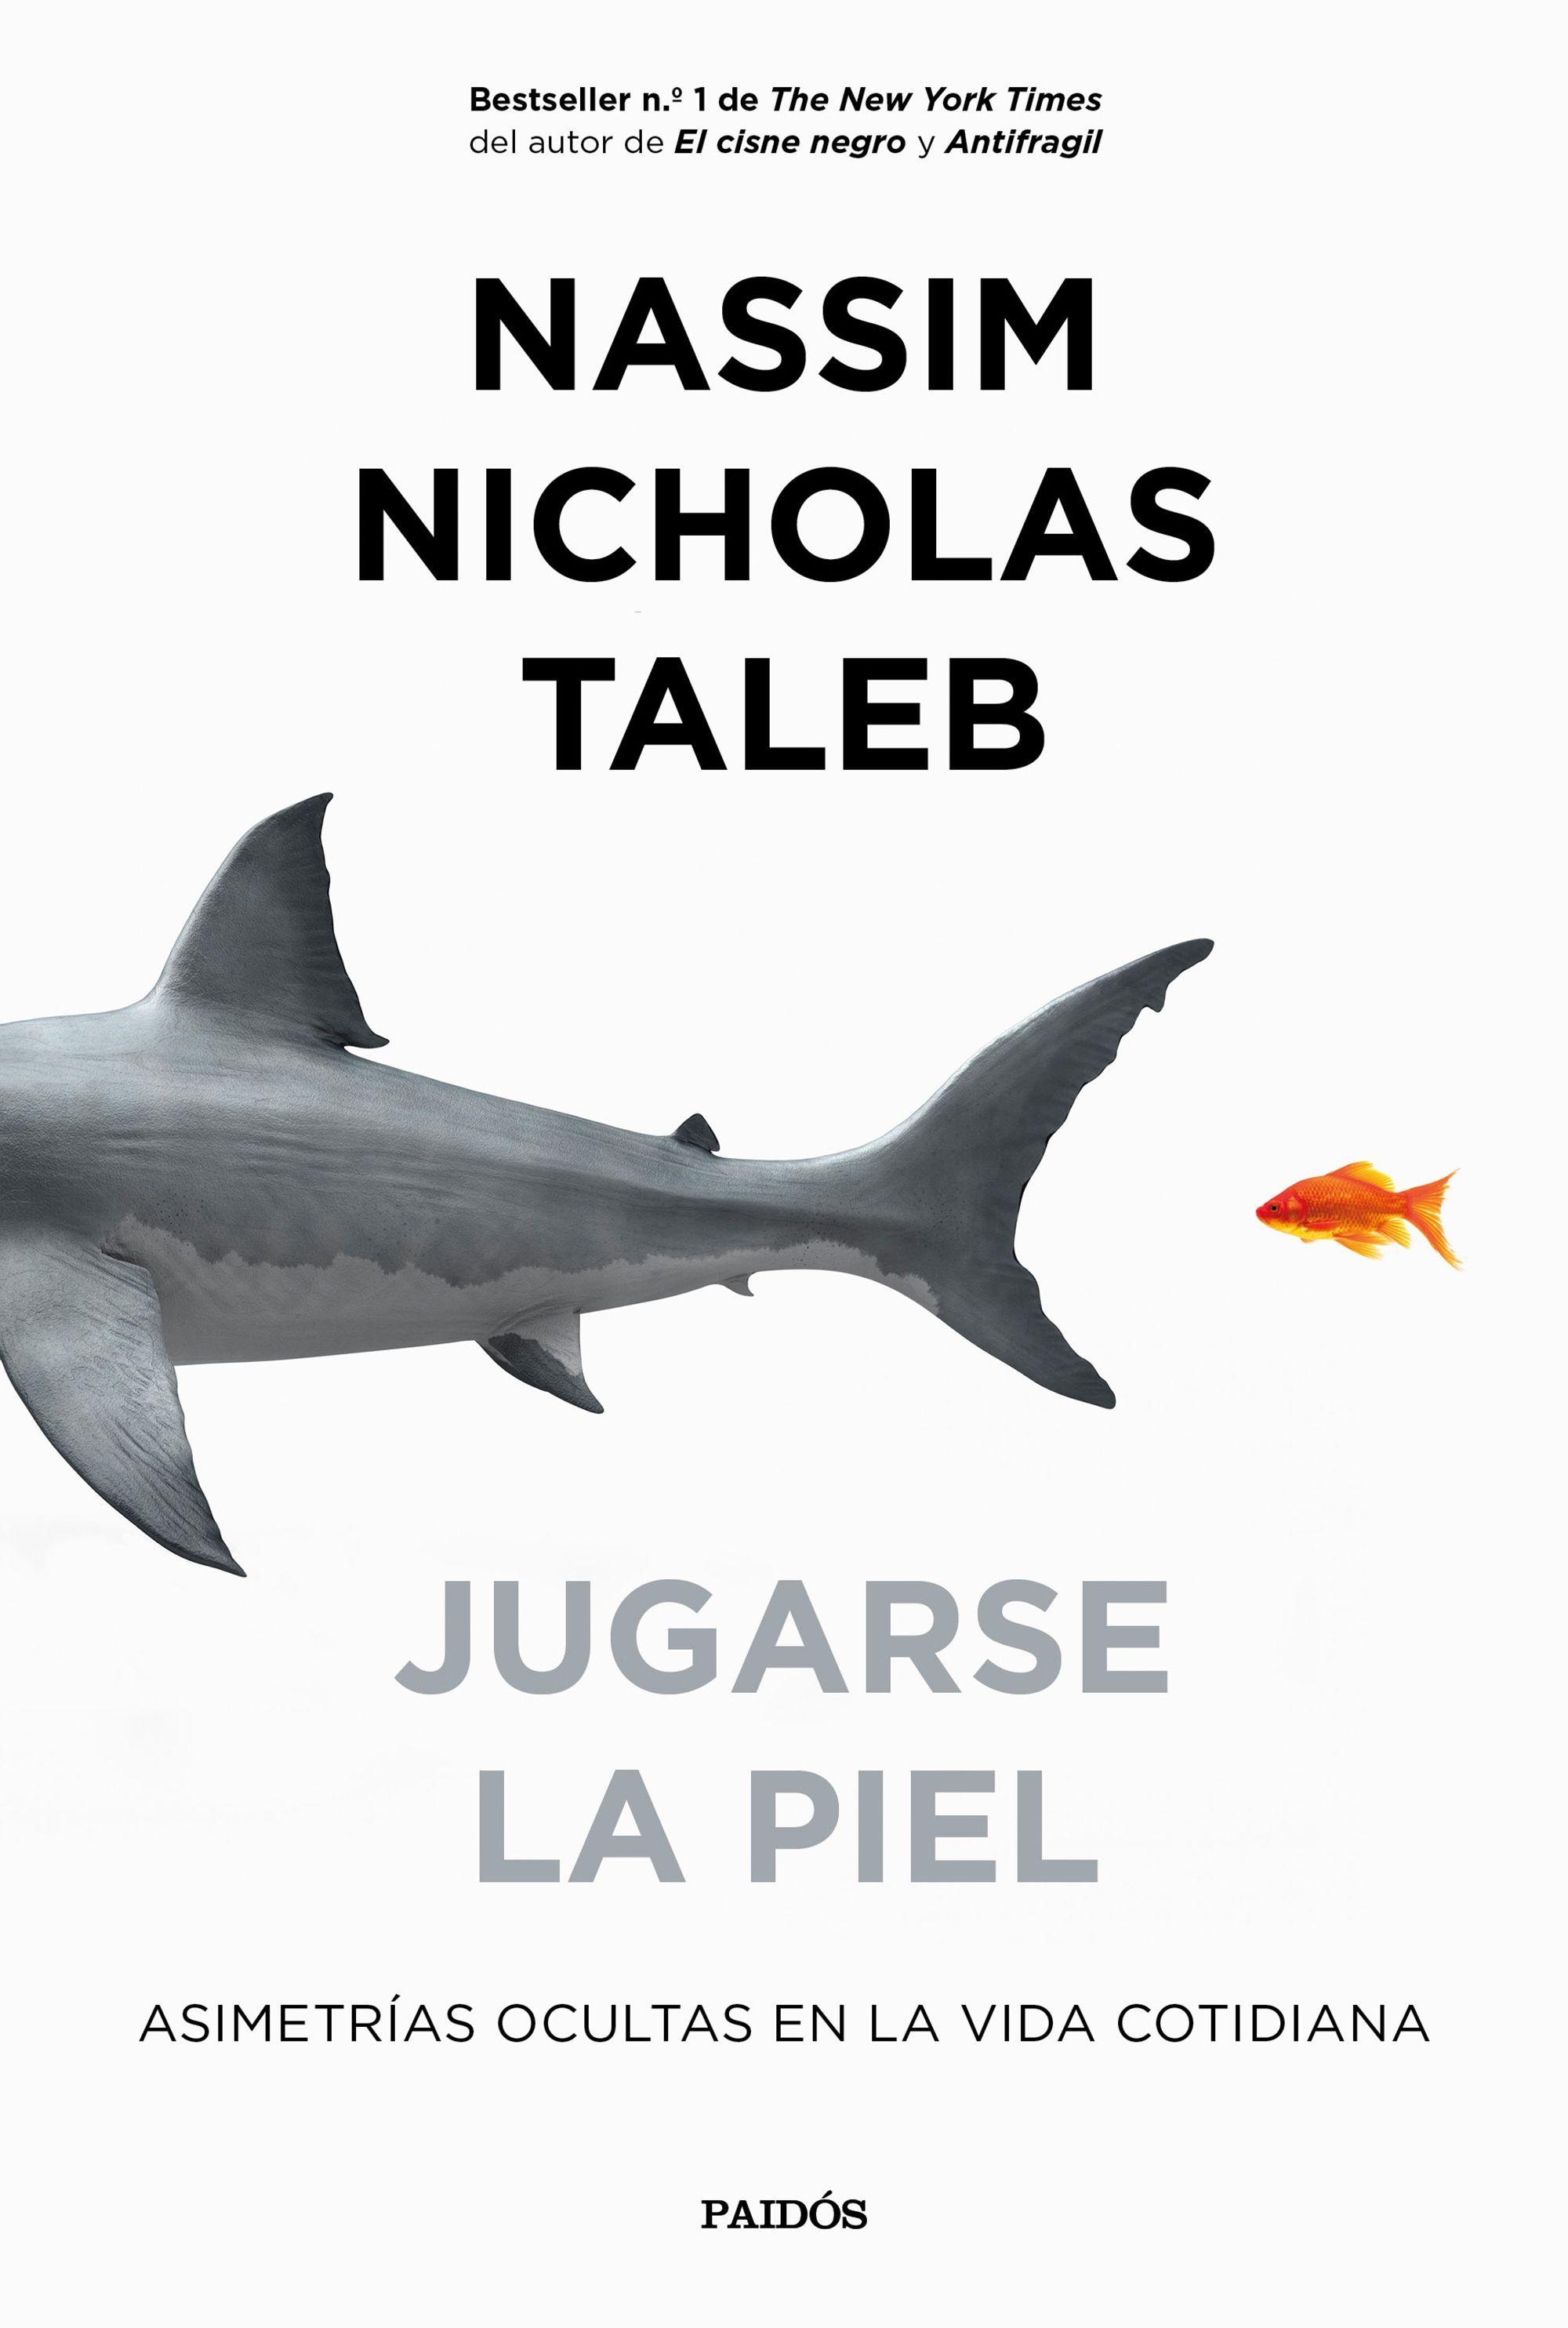 """Resultado de imagen para """"Jugarse la piel"""", Nassim Nicholas Taleb"""